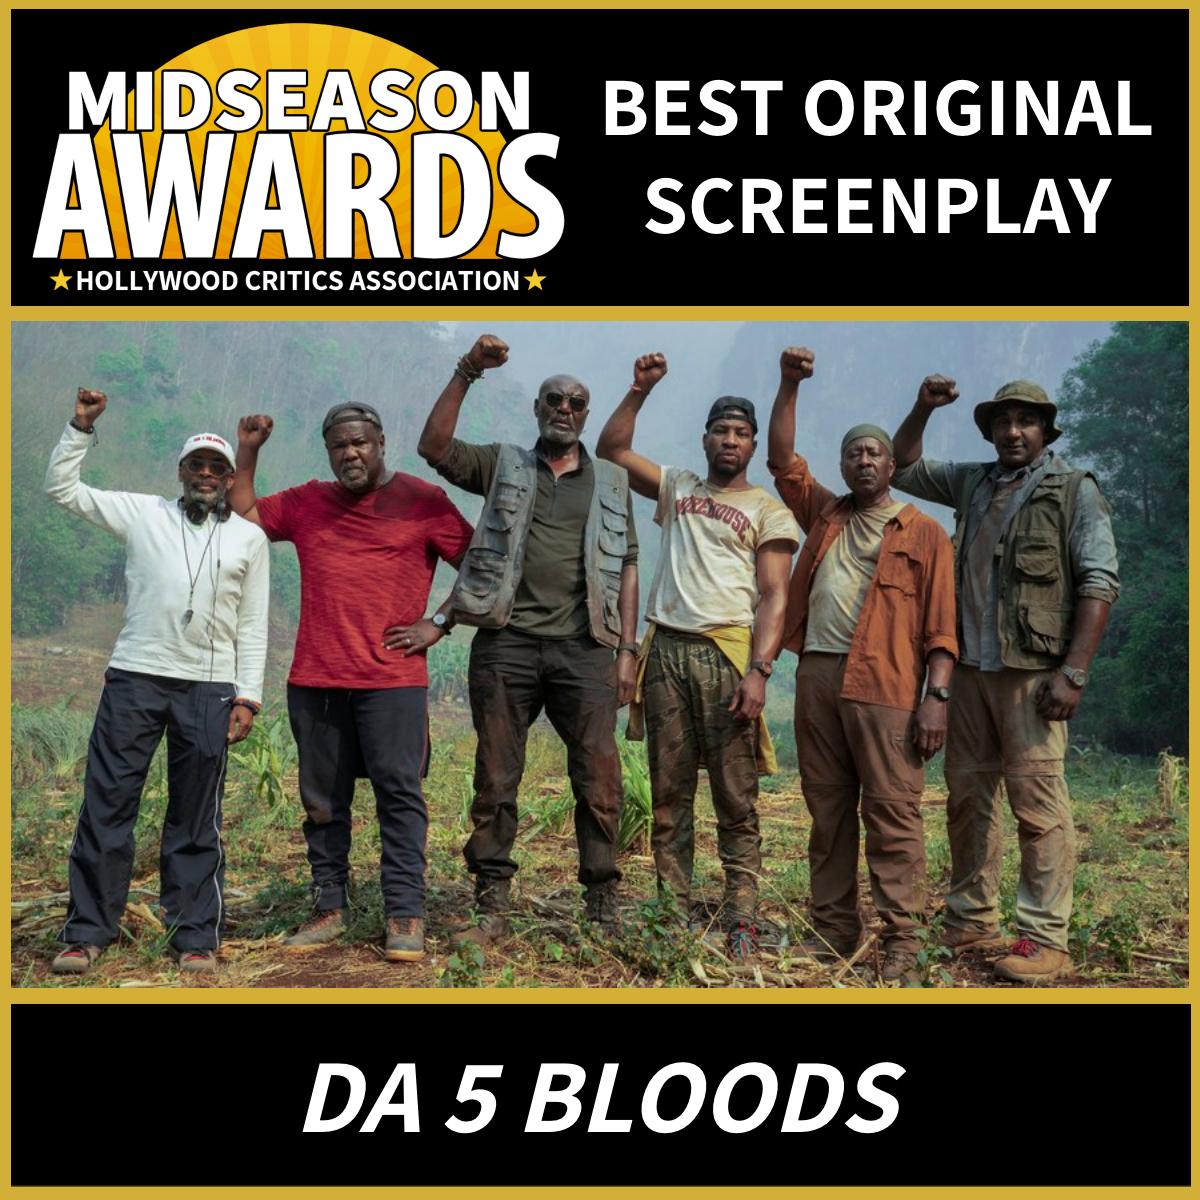 Da 5 Bloods Best Original Screenplay